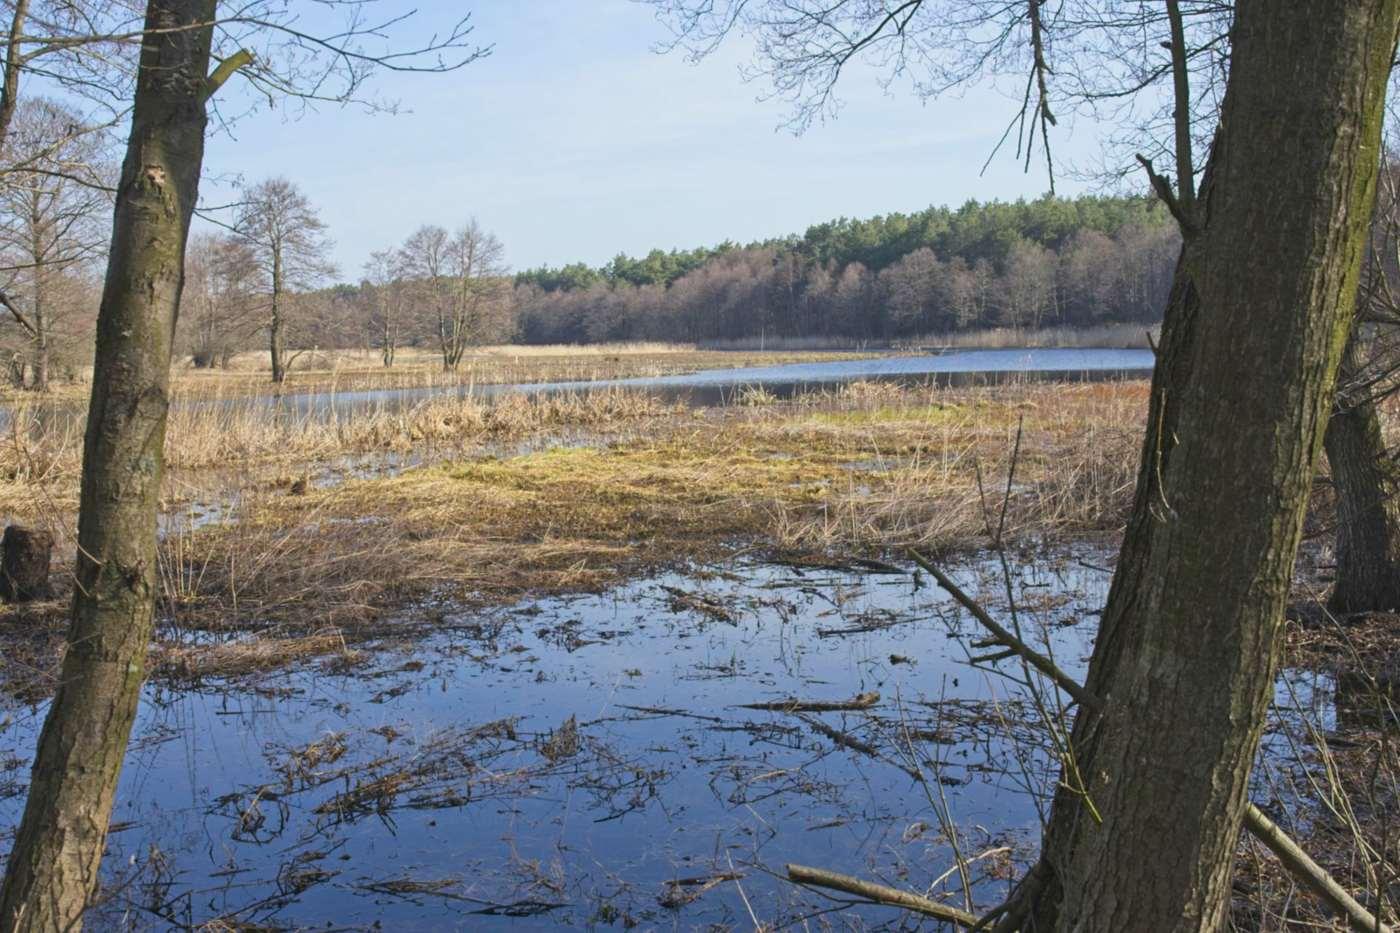 czapliniec near pultusk reserve in puszcza biala white forest